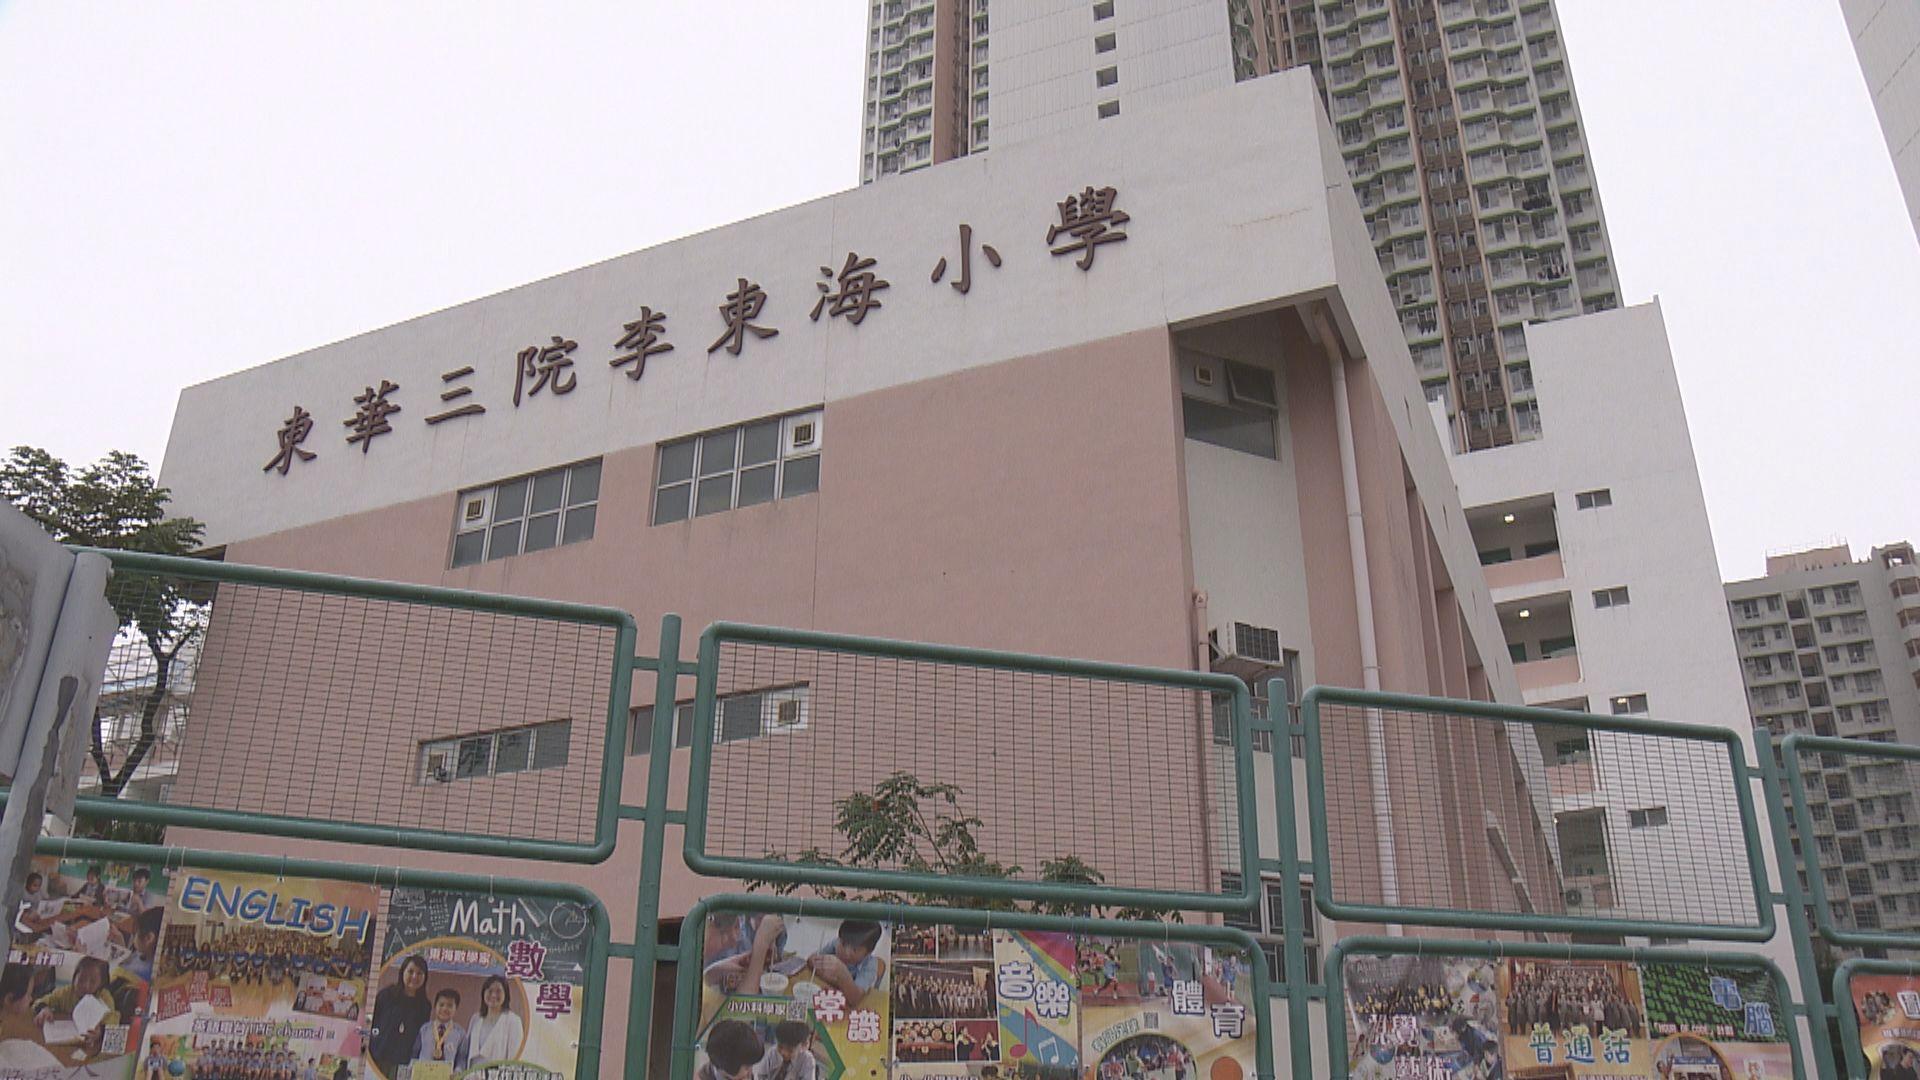 李東海小學教師校內墮樓裁定死於自殺 東華三院:會研究如何落實死因庭建議